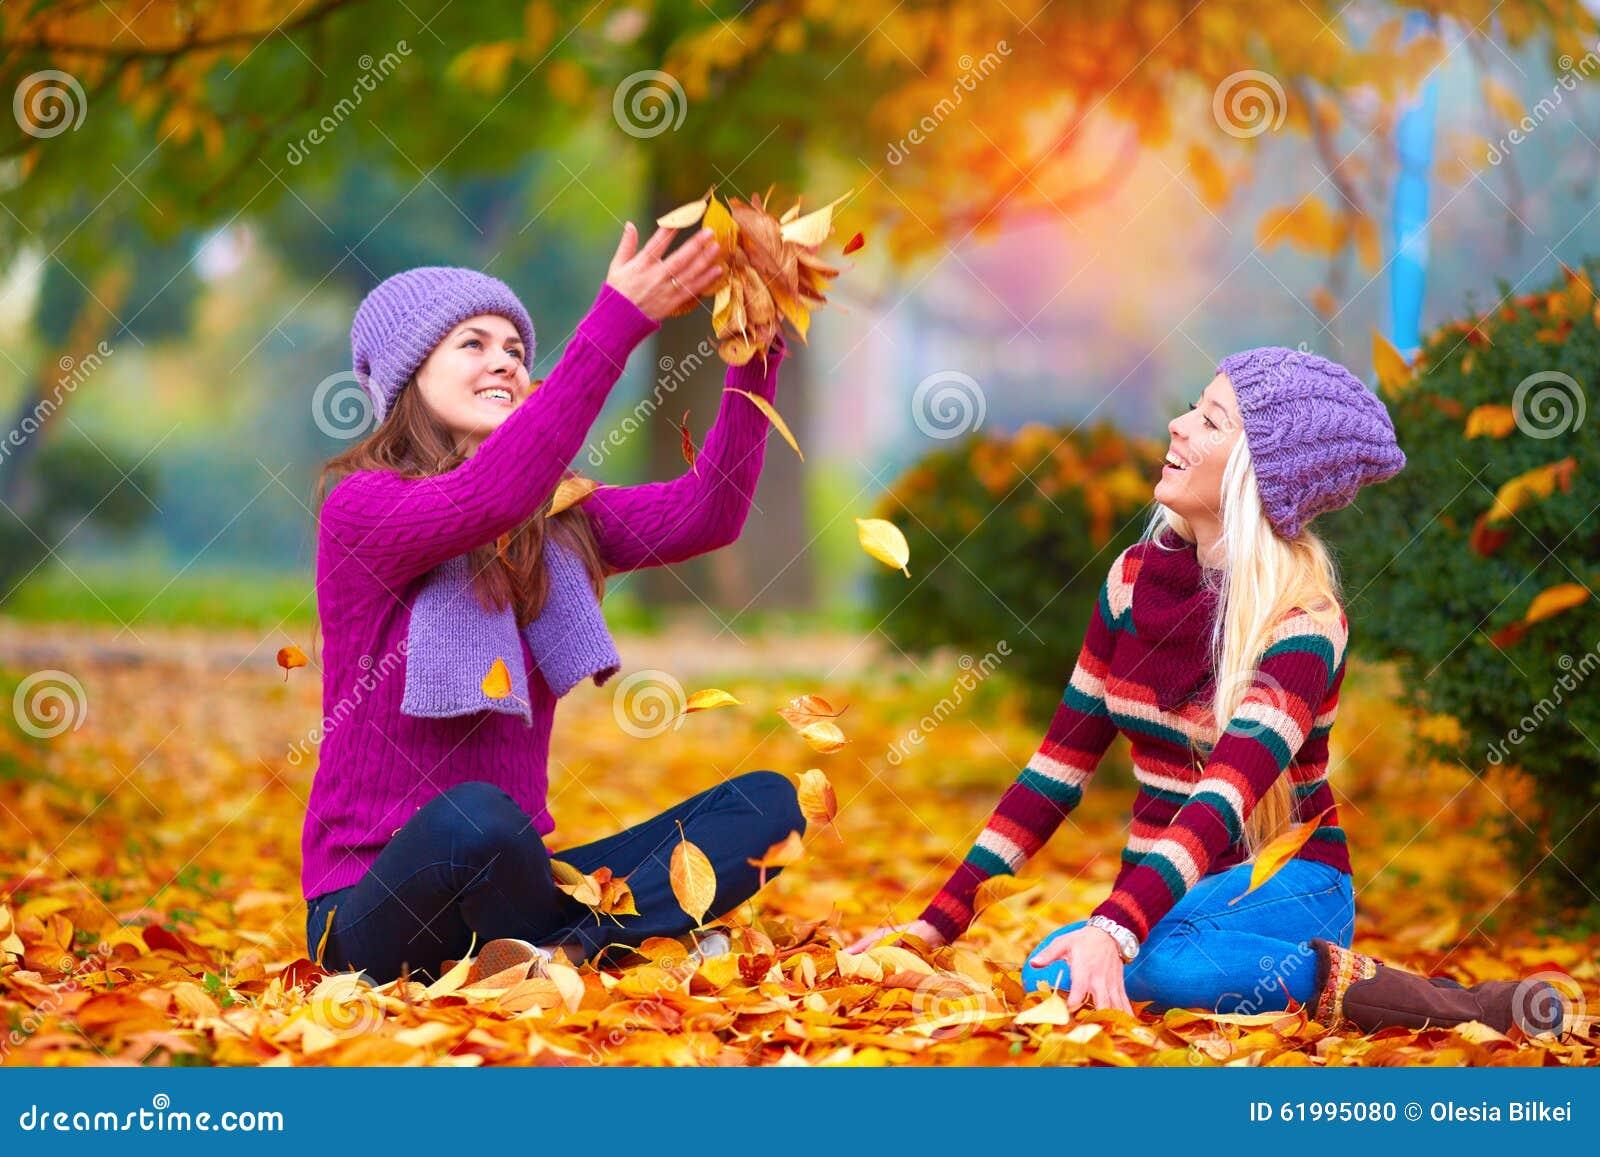 Muchachas bonitas amigos que se divierten en el parque - Fotos bonitas de otono ...